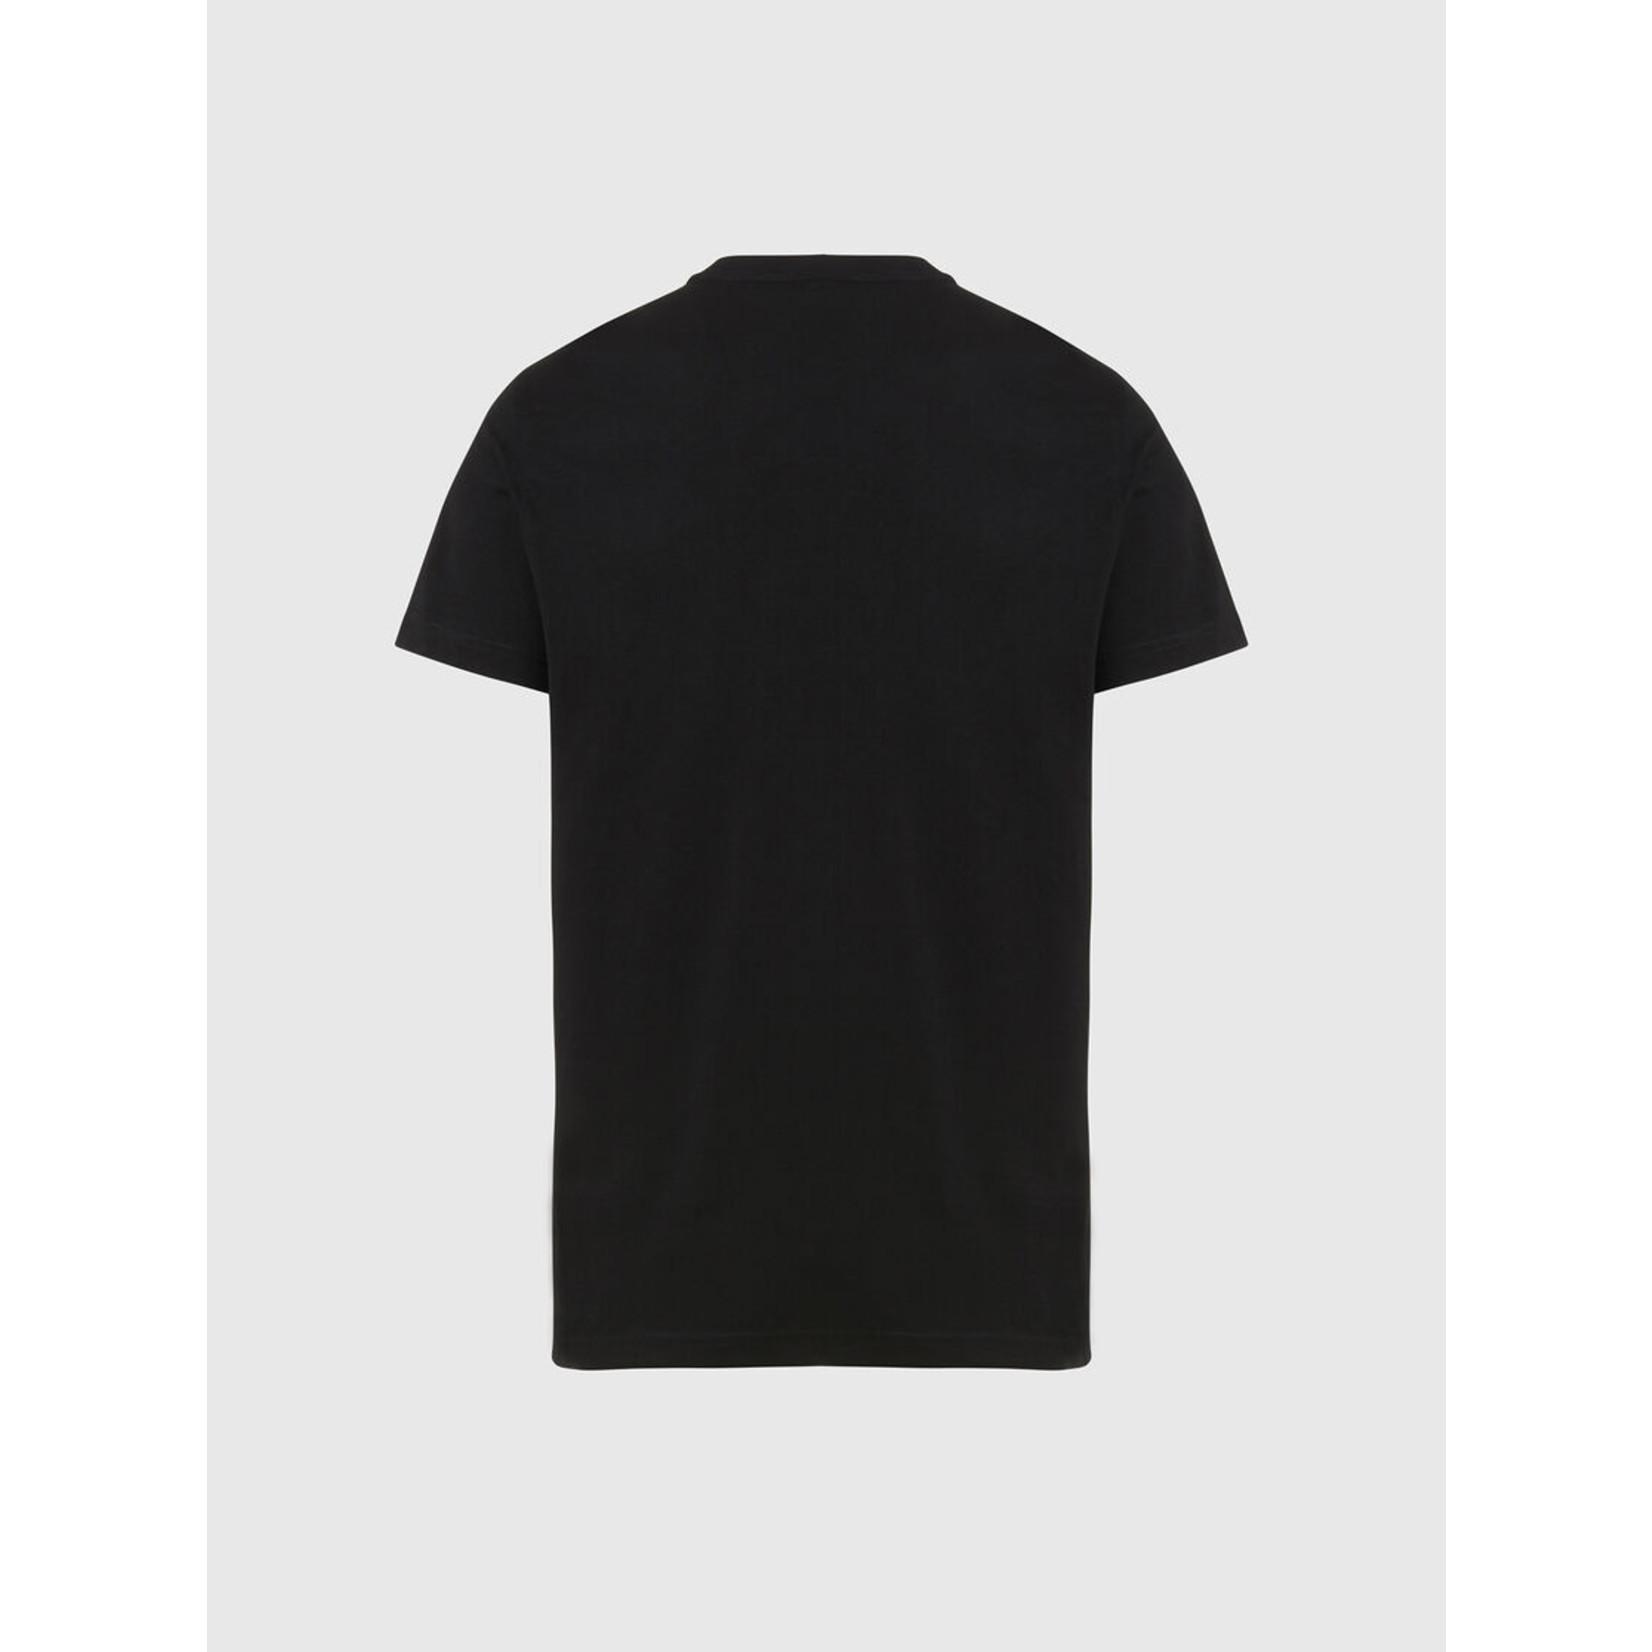 DIESEL DIESEL T-SHIRT DIEGOS N35 - BLACK